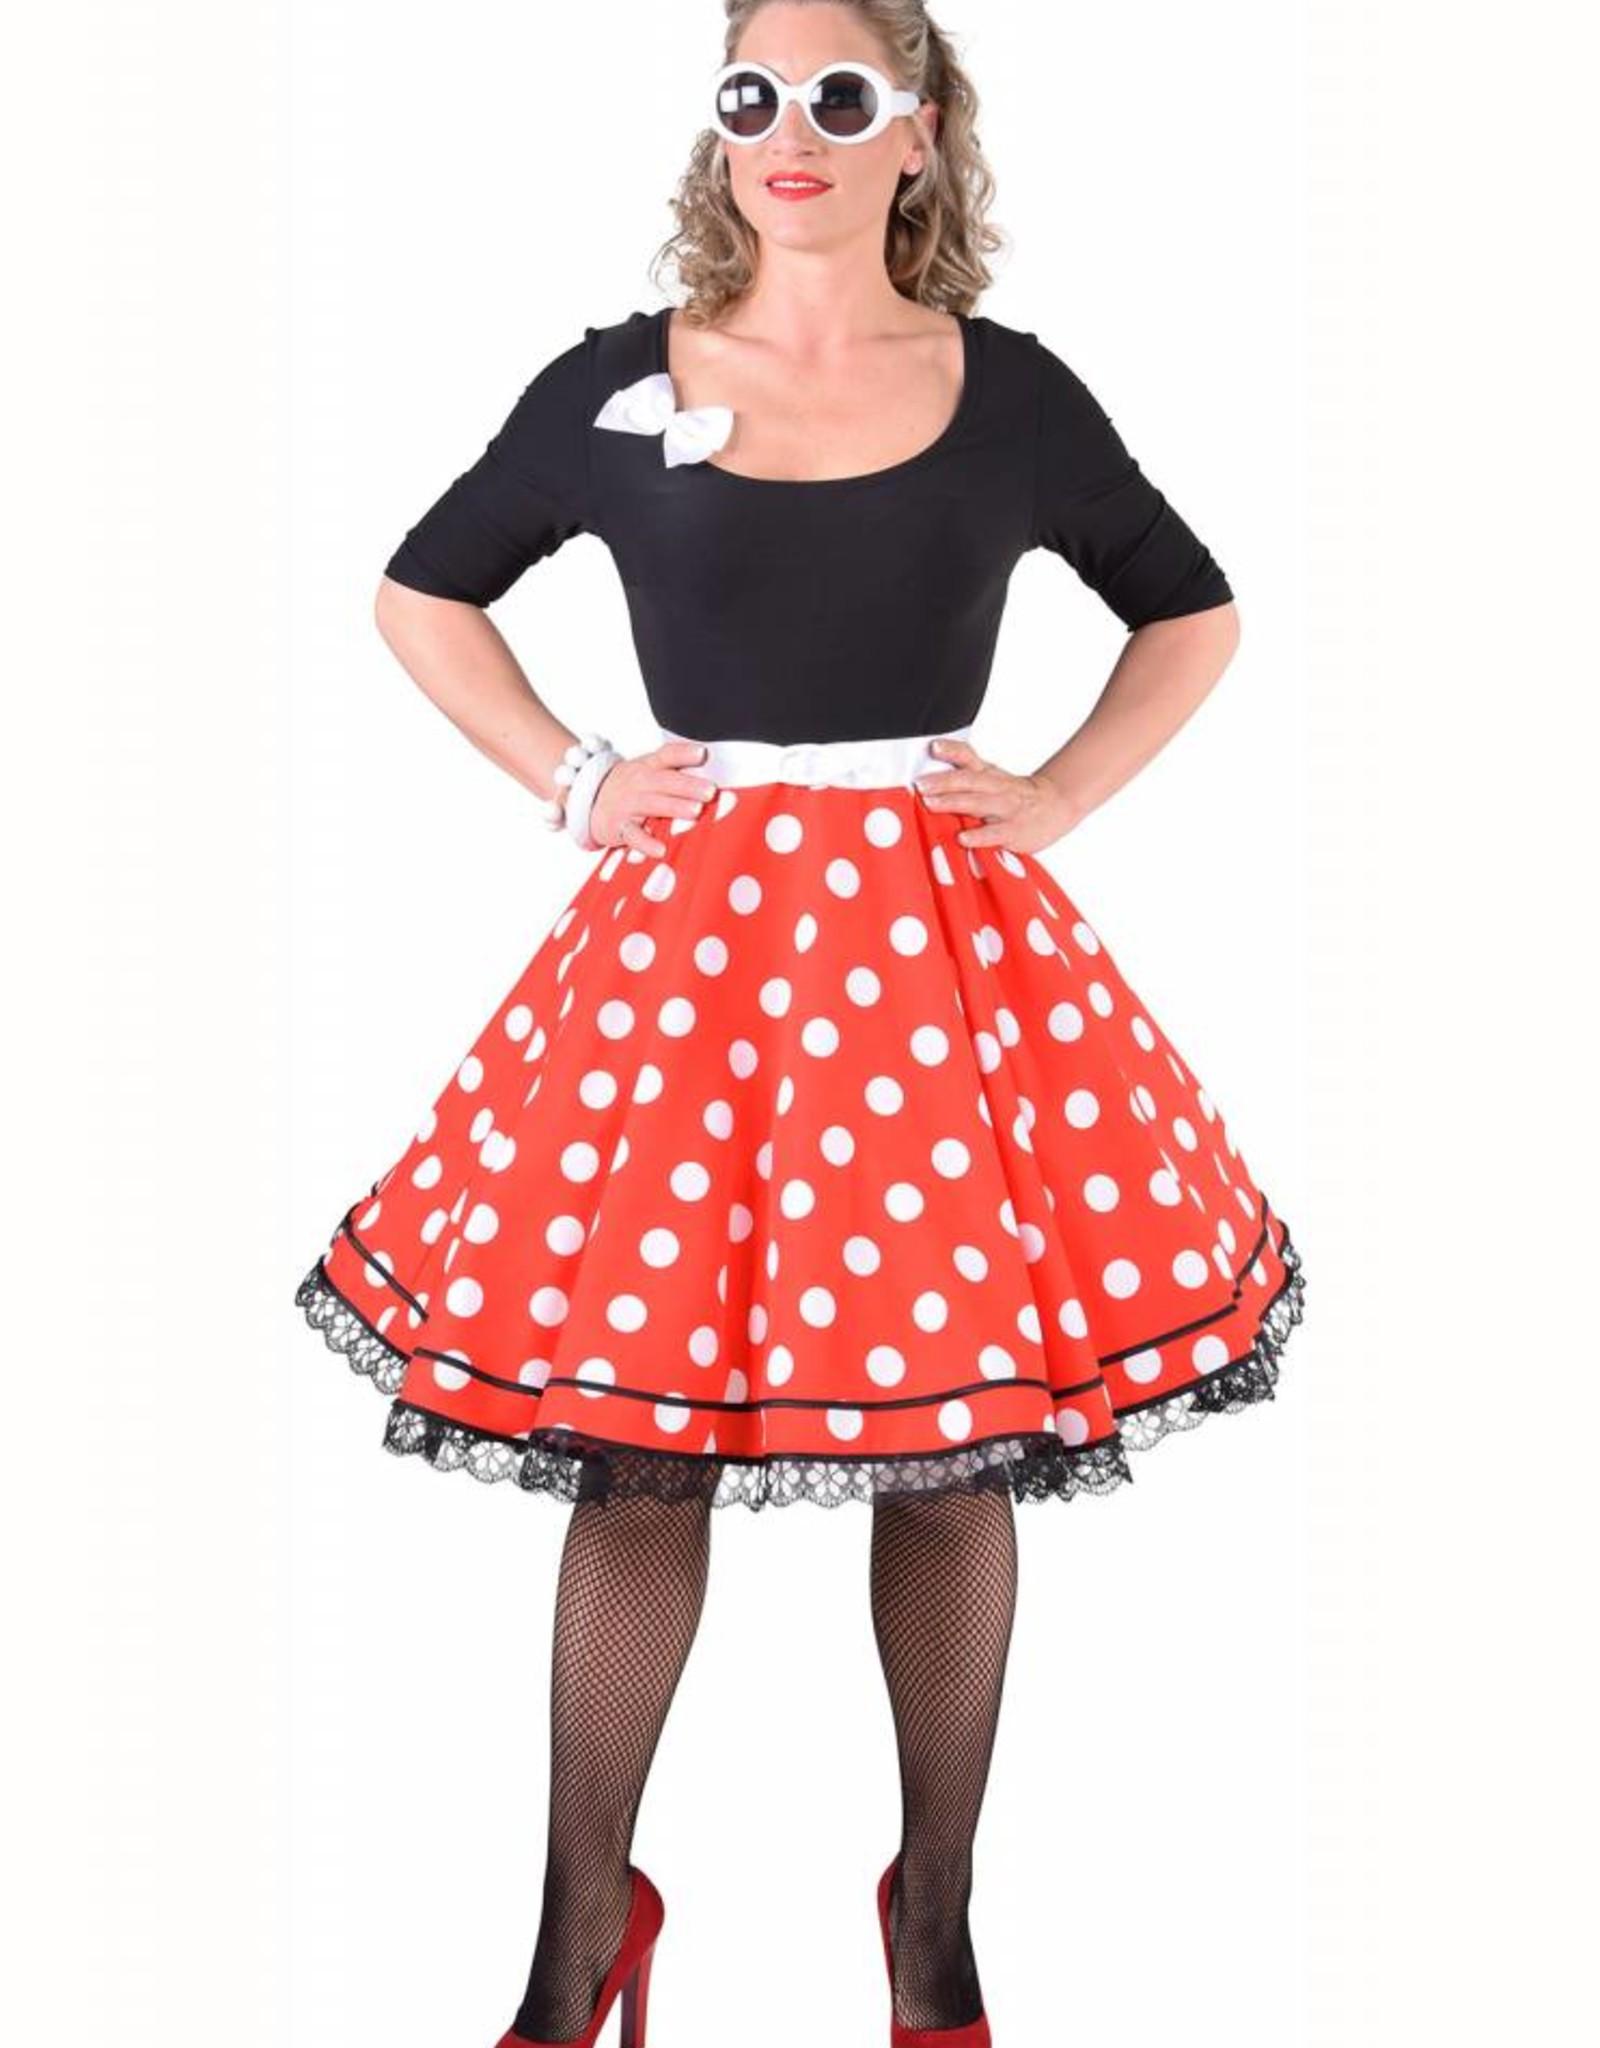 MAGIC Rock n' roll Minnie huurprijs € 20